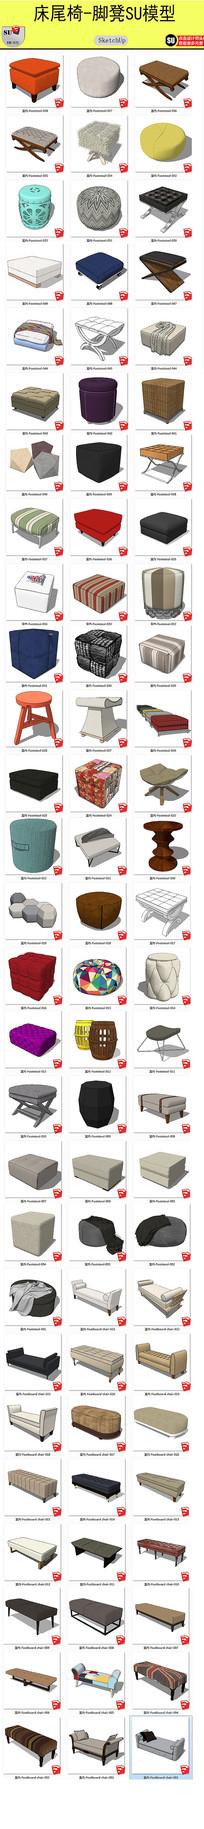 室内家具模型